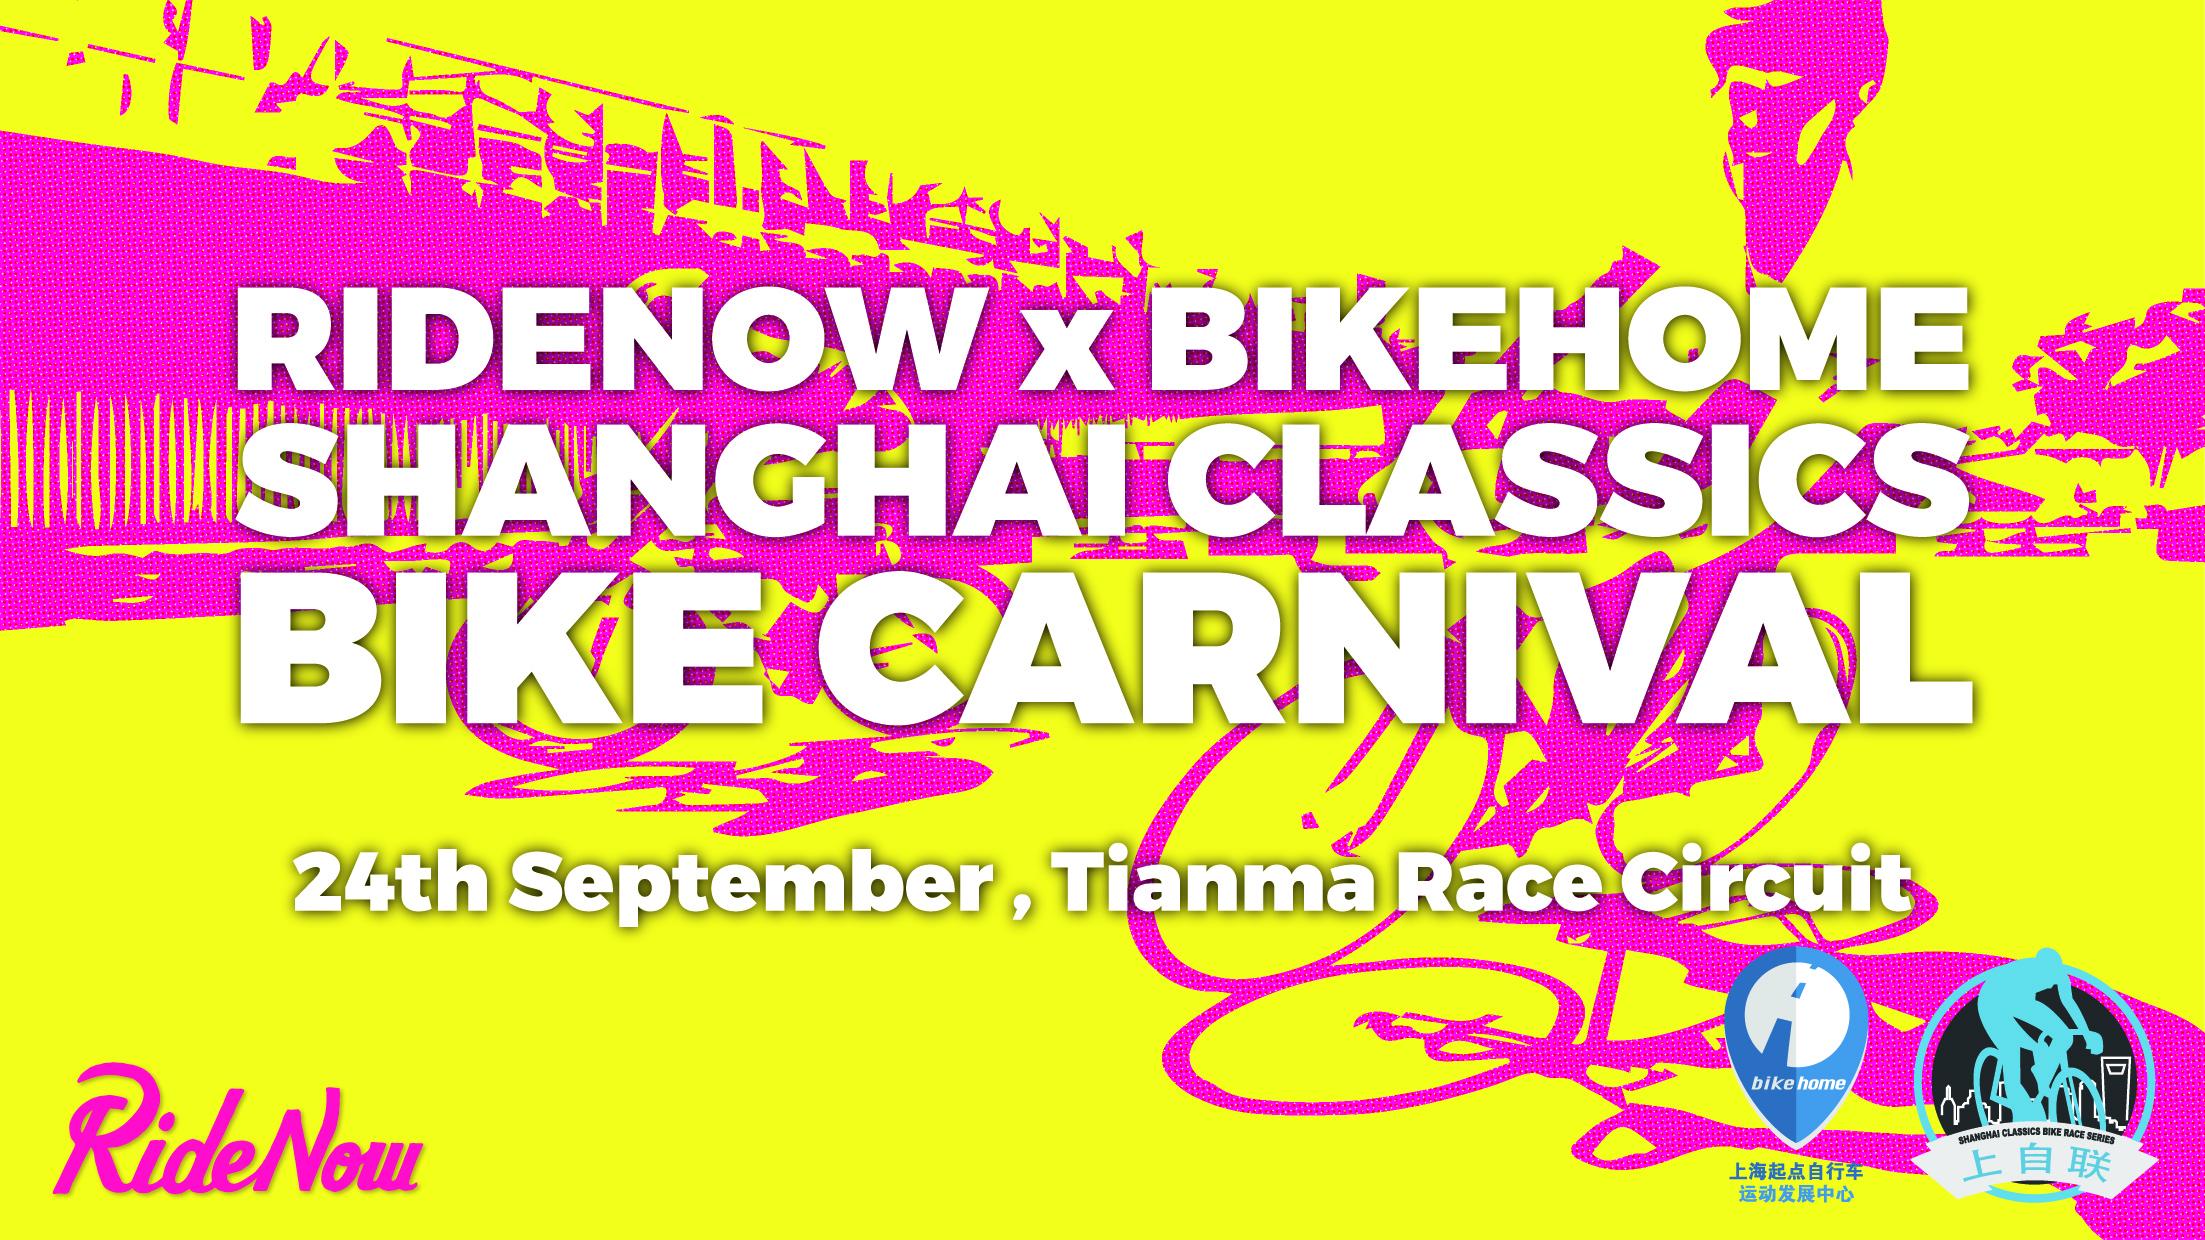 Bikehome Shanghai Classics